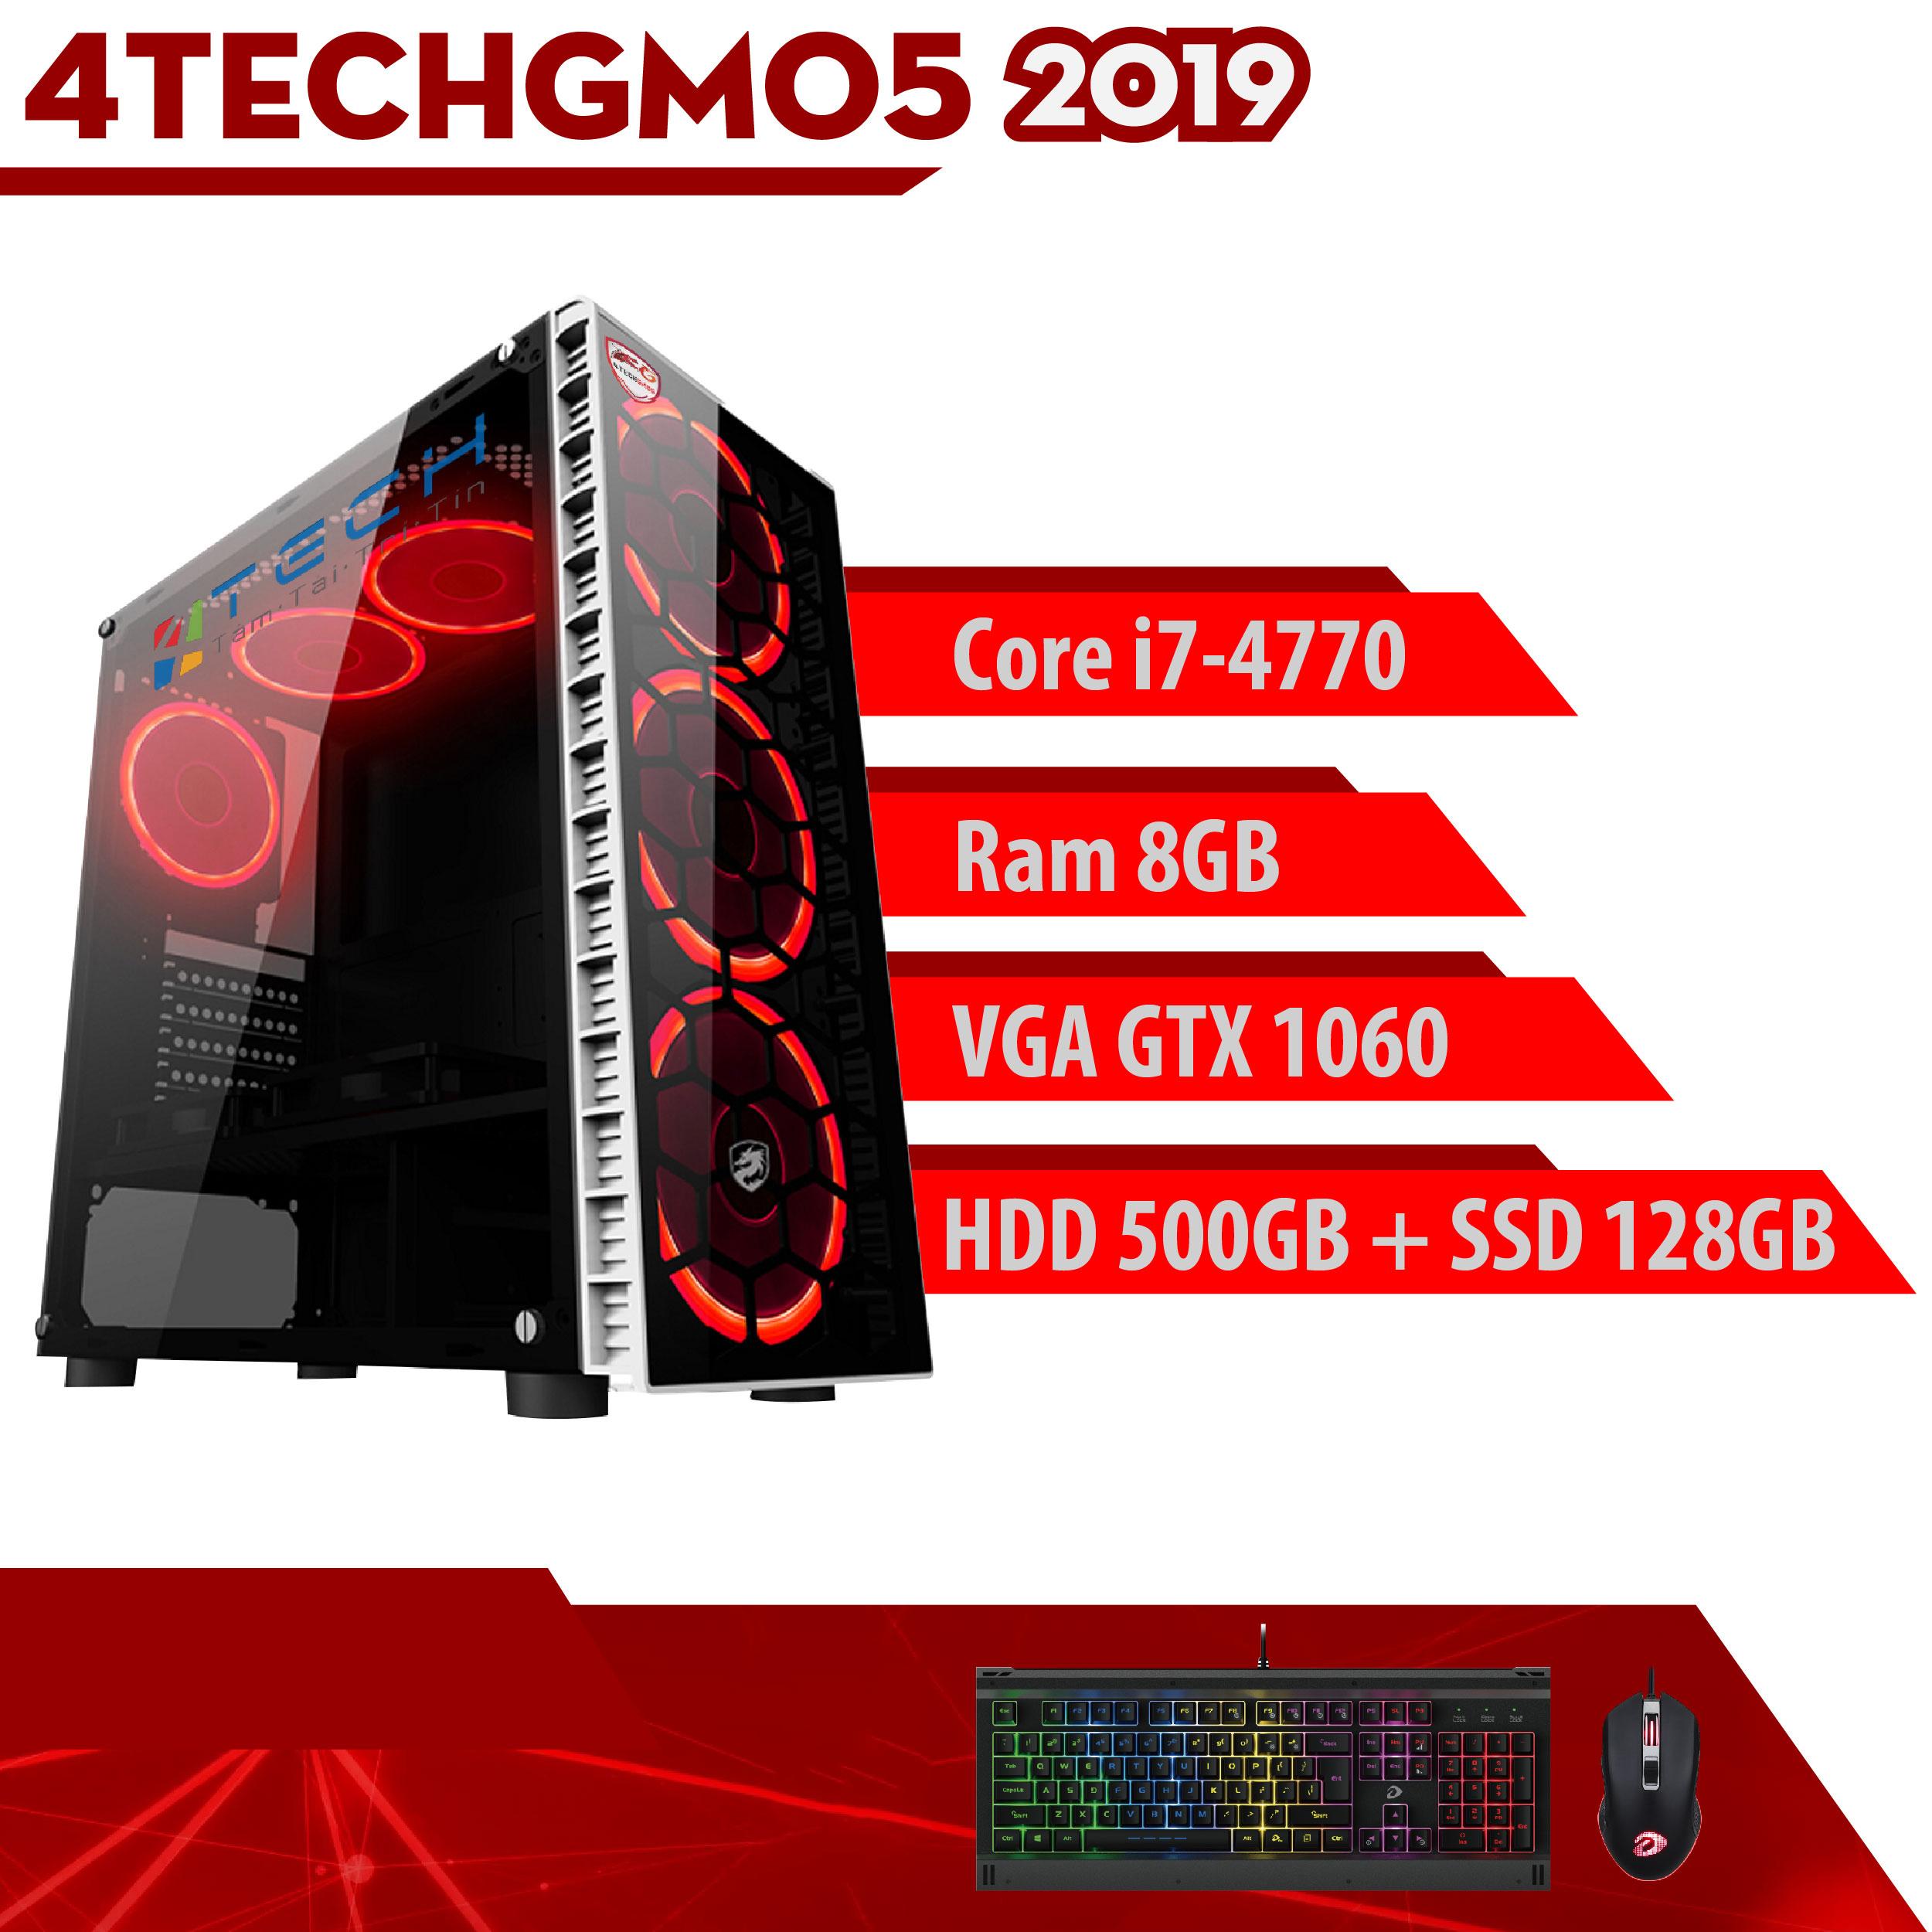 Máy tính Gaming cho Game thủ chơi Games chuyên nghiệp 4TechGM05 2019 trọn bộ Full Box kèm màn 24inch Full HD chiến mọi trò chơi hay đòi cấu hình cao Pubg pc, mobile, GTA5, fifa, pes maxsetting tất cả các Game phổ thông LOL, Dota, cf. - Hàng Chính Hãng.